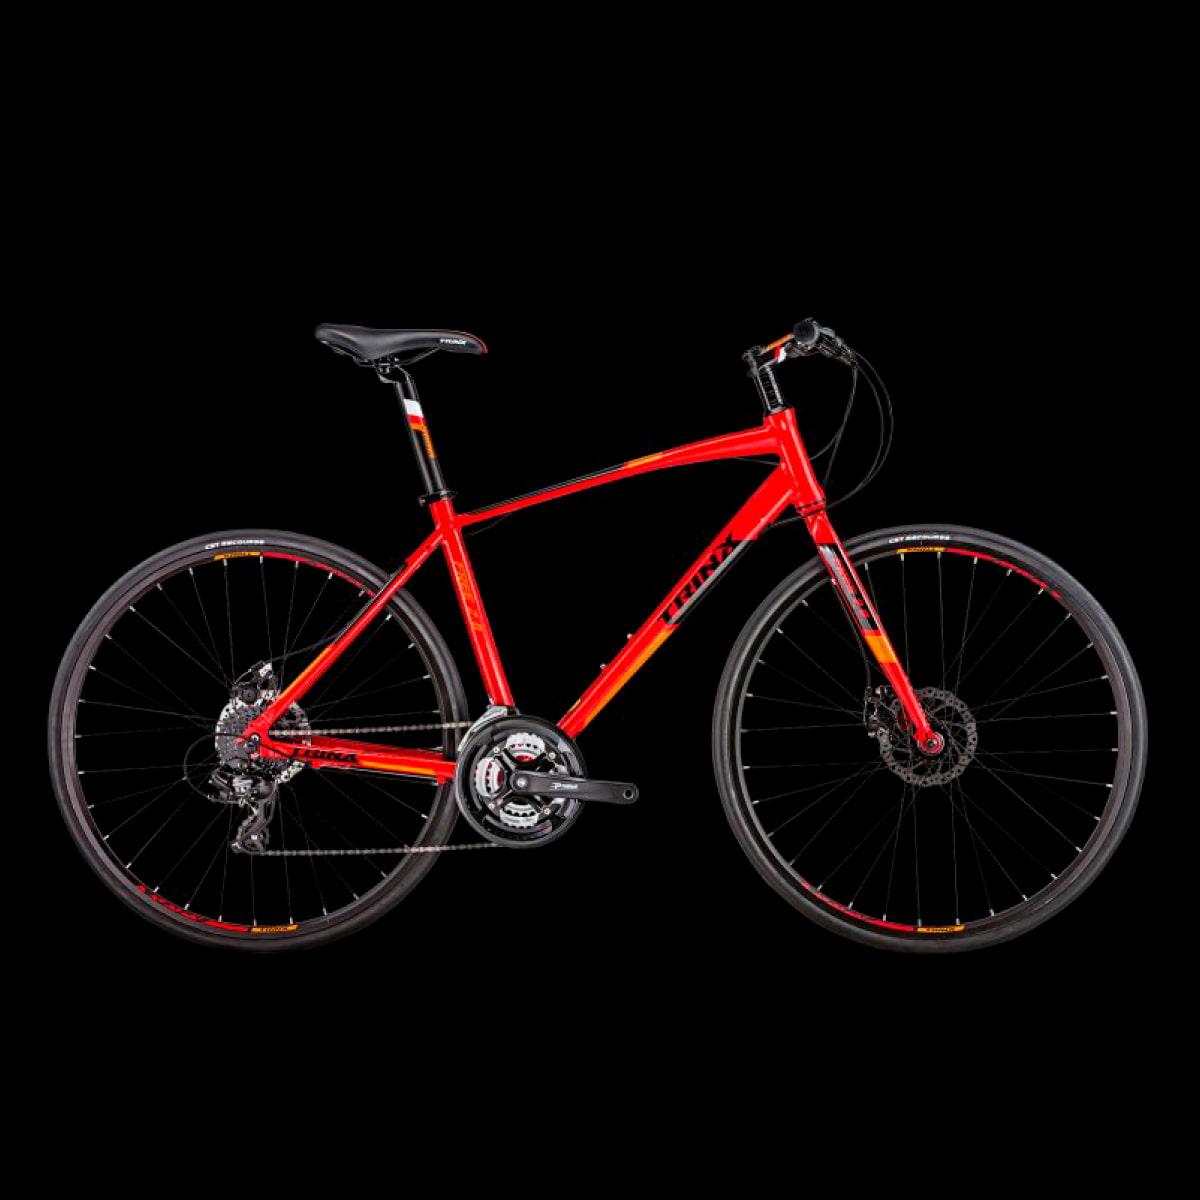 Bike Trinx Free 2.0 2020 24v Shimano Vermelho Laranja